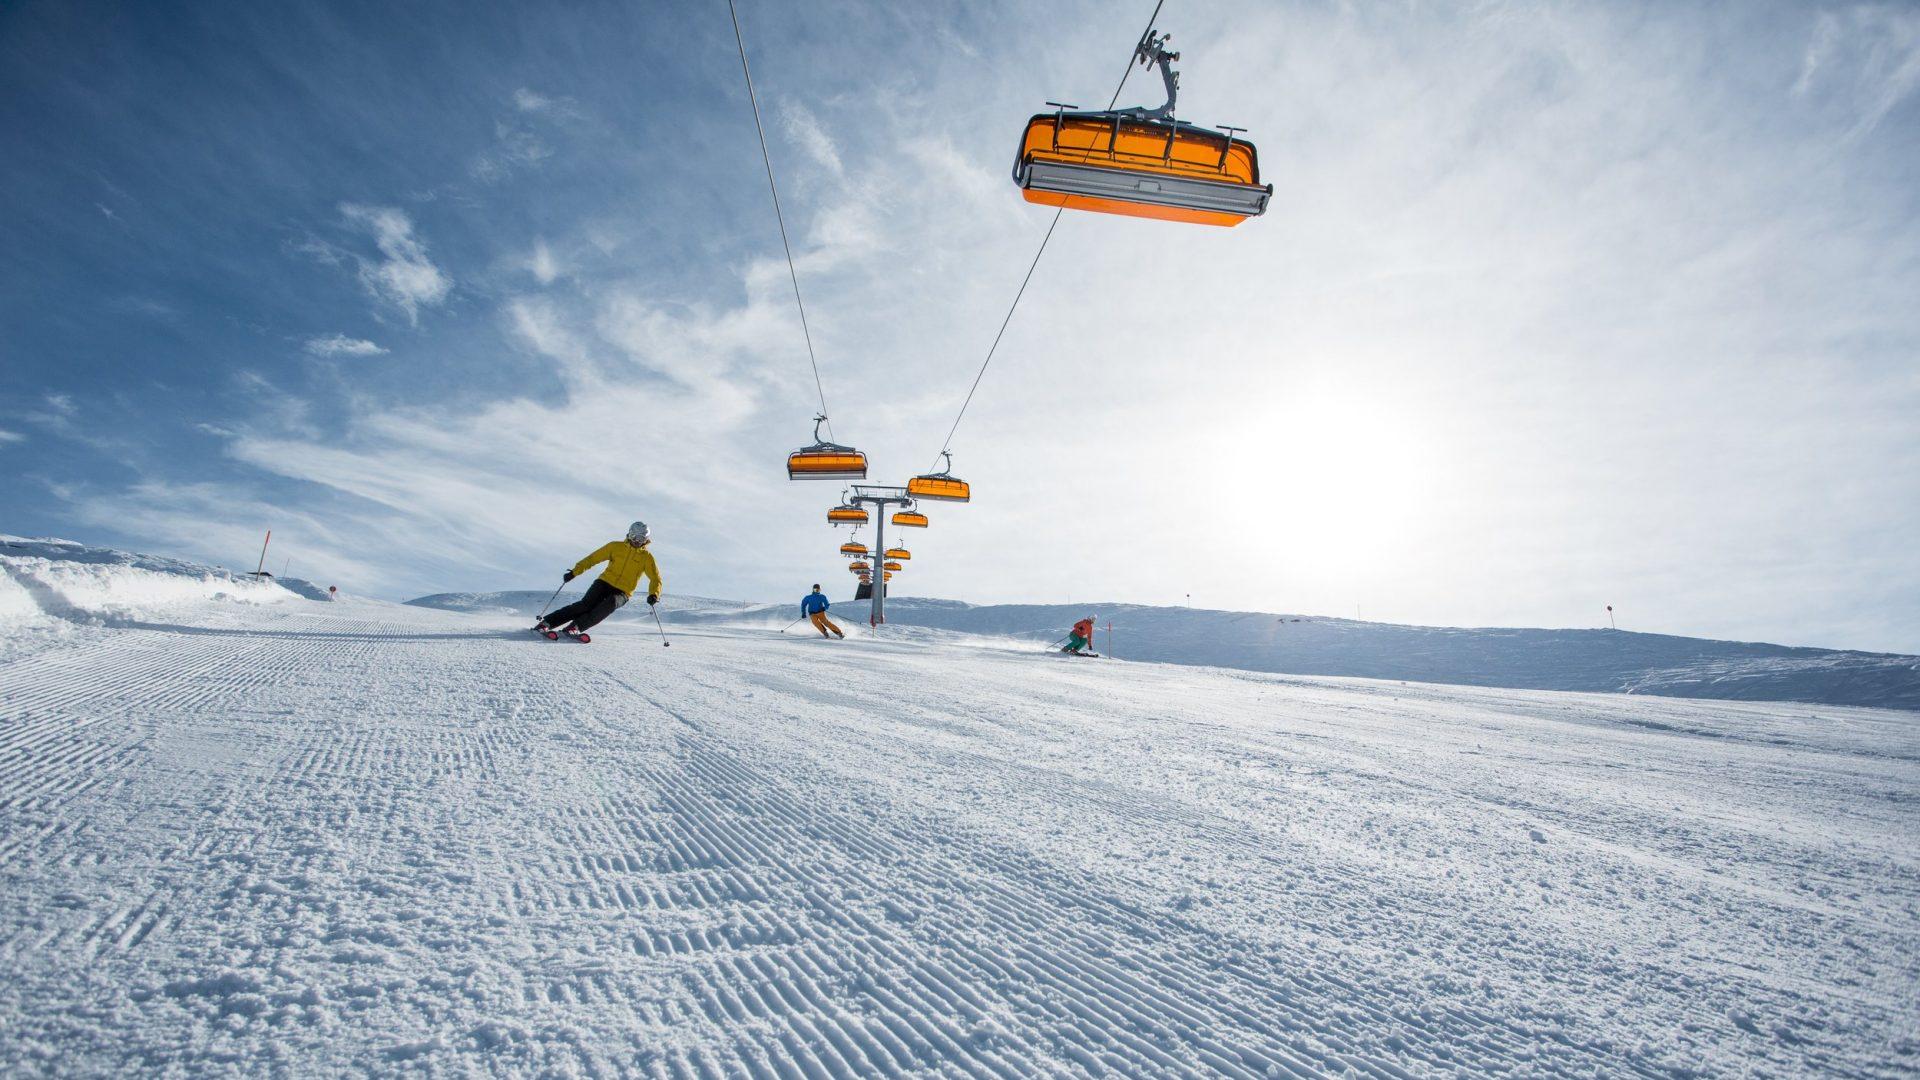 Skifahren im Montafon, Sonnenski © Daniel Zangerl / Montafon Tourismus GmbH, Schruns